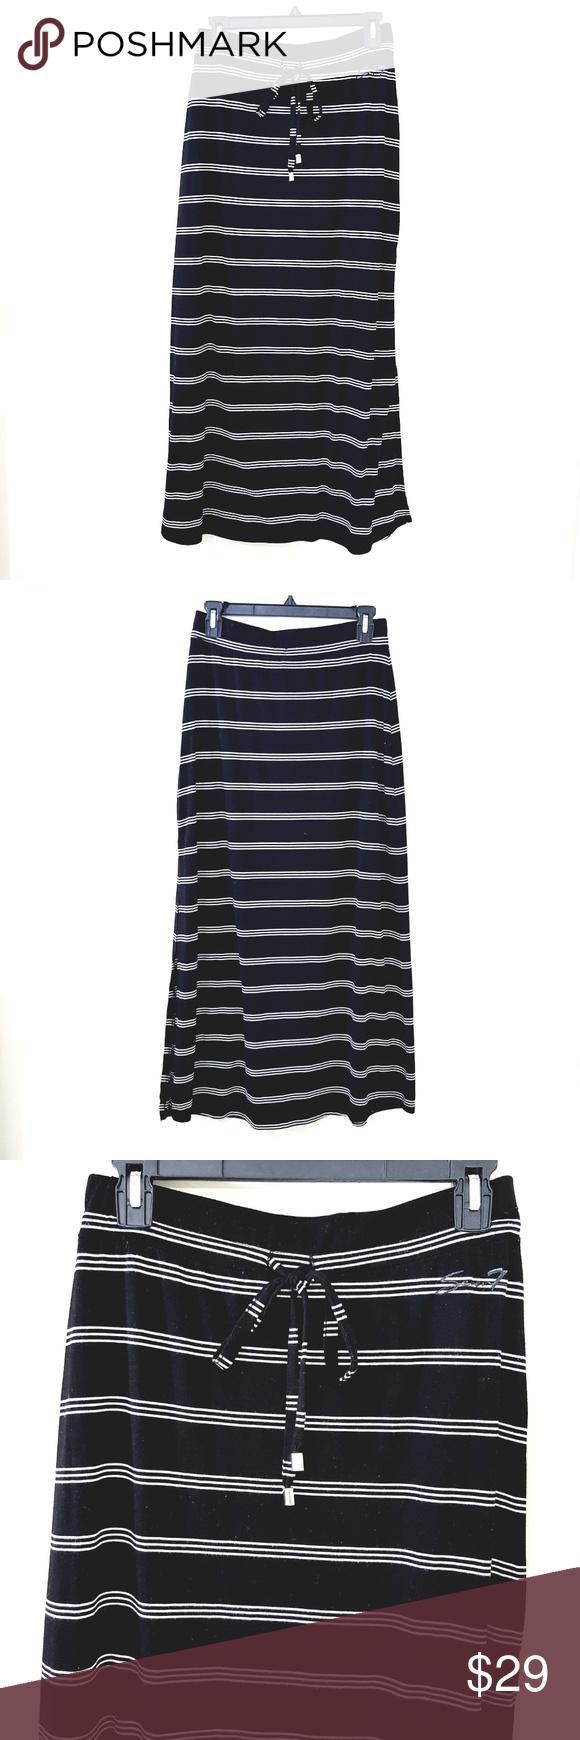 a2fe68a1929 Seven7 // Black & White Stripe Maxi Tee Skirt Seven7 Lightweight t ...